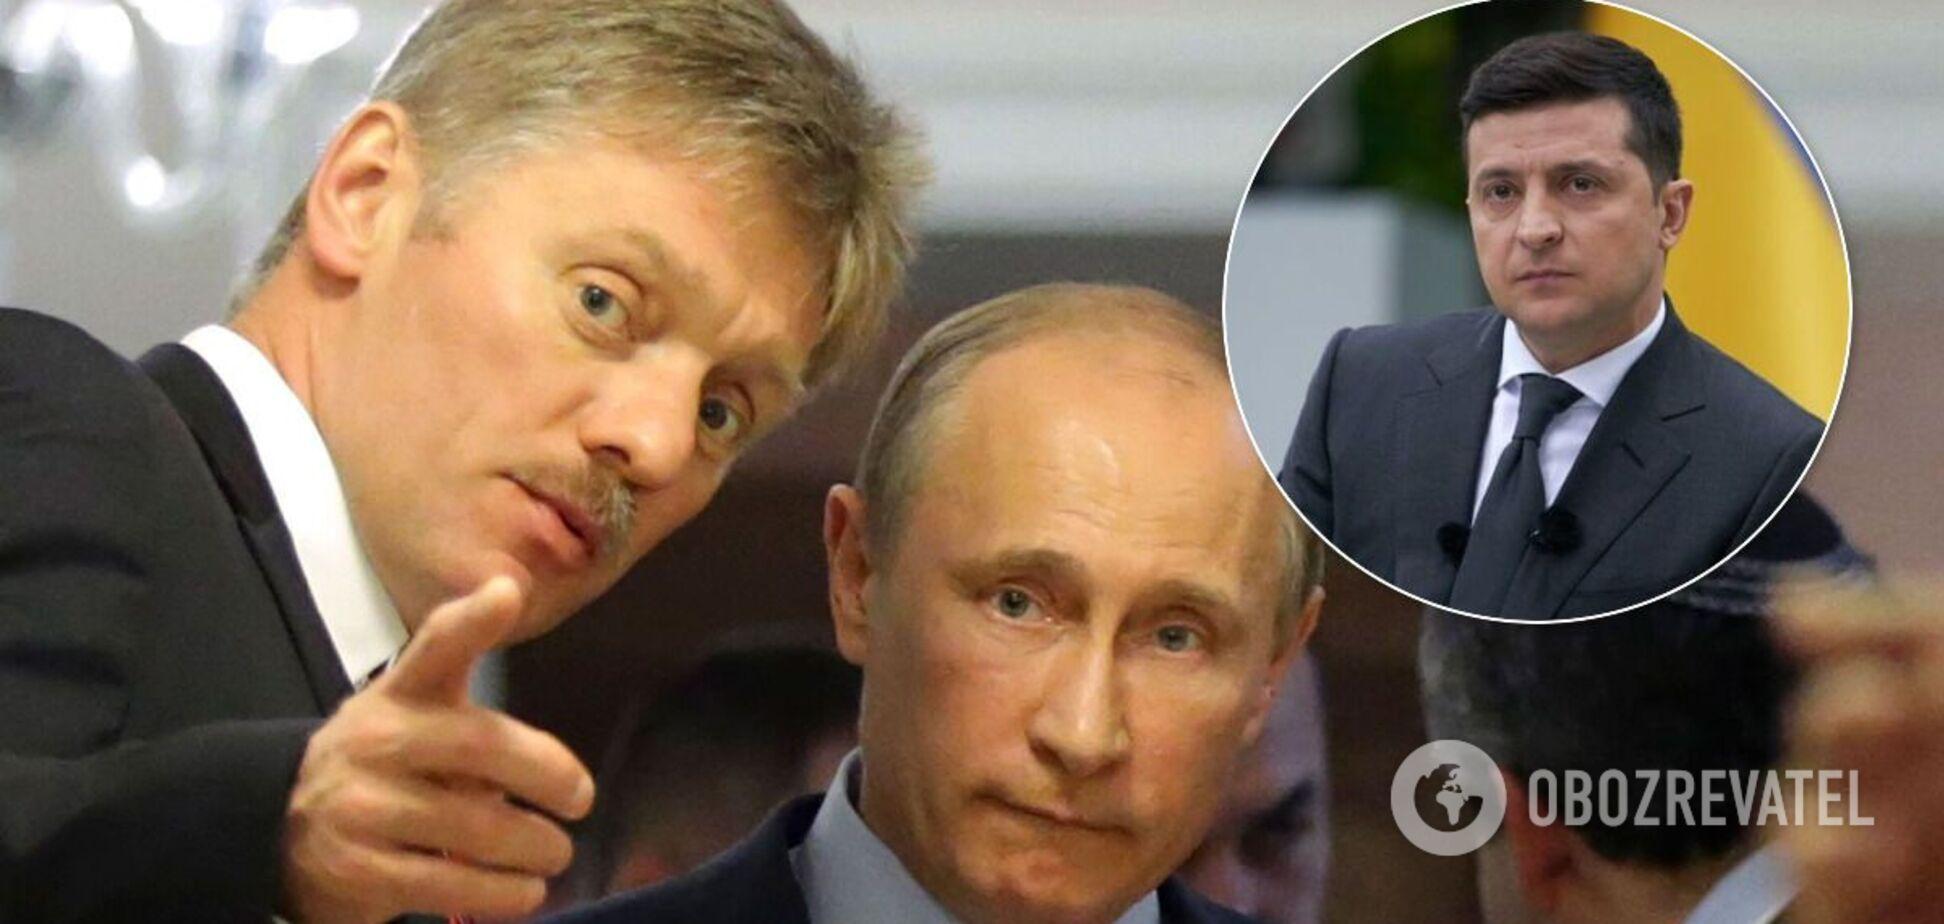 В Кремле рассказали, будут ли вести переговоры с Украиной в рамках Будапештского меморандума